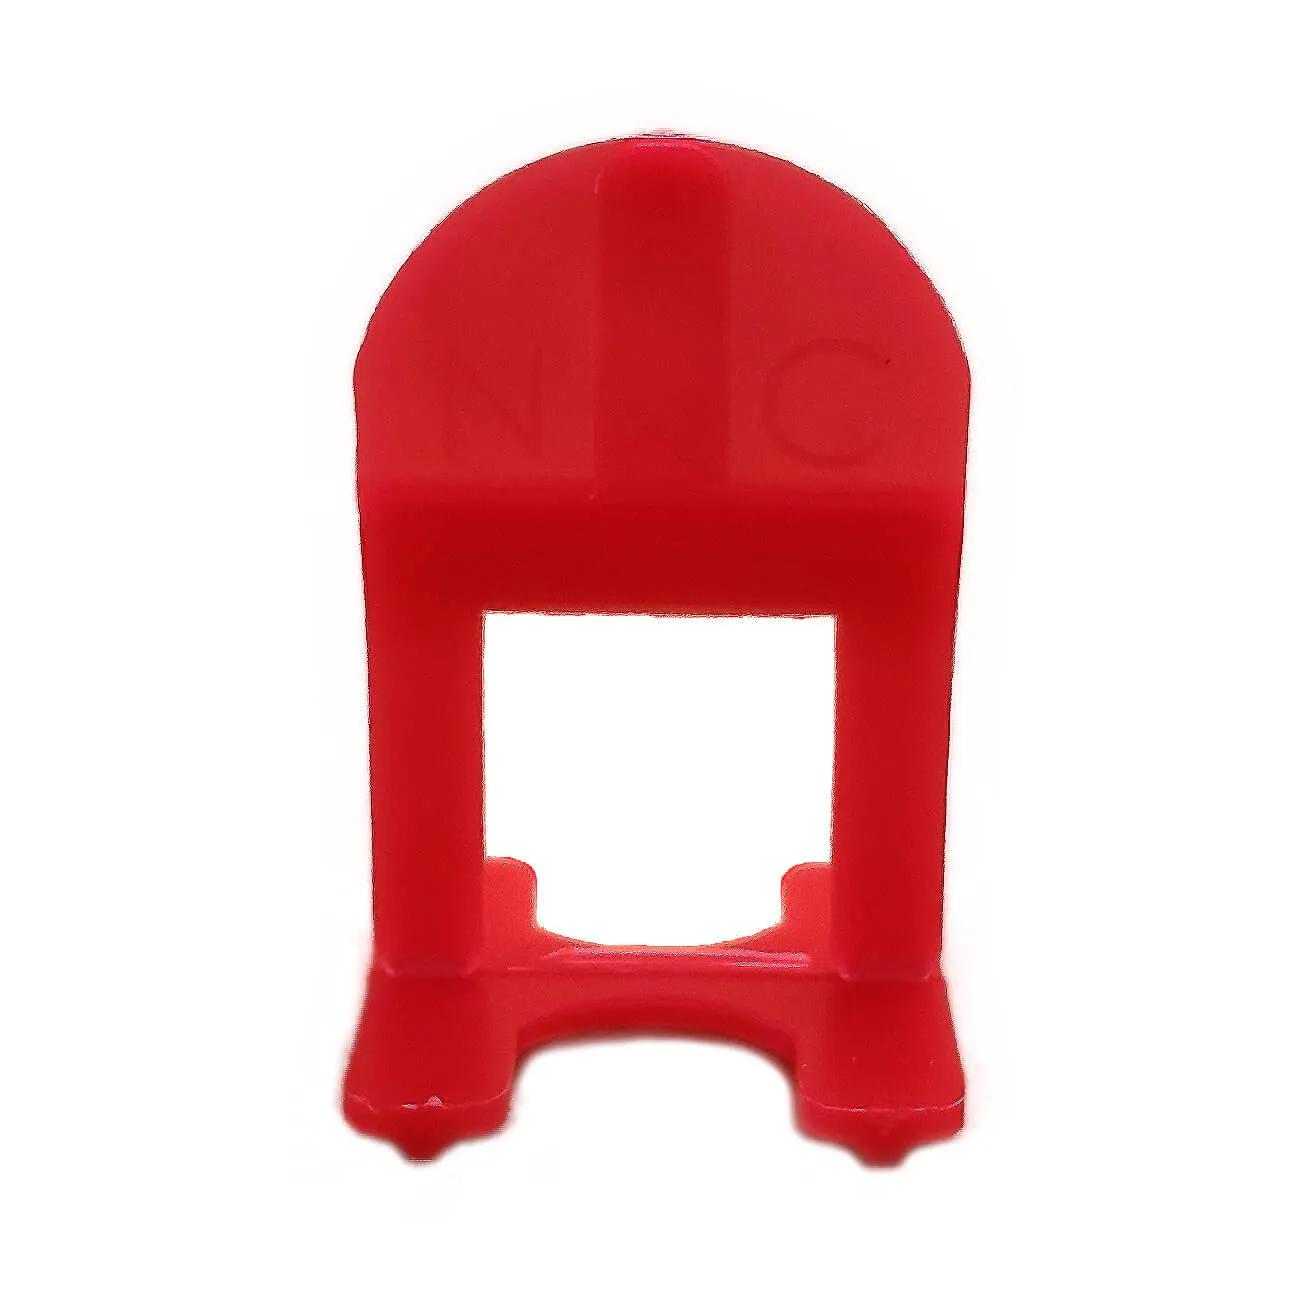 Espaçador de Piso Slim 1,5 mm - NIVELACERTO